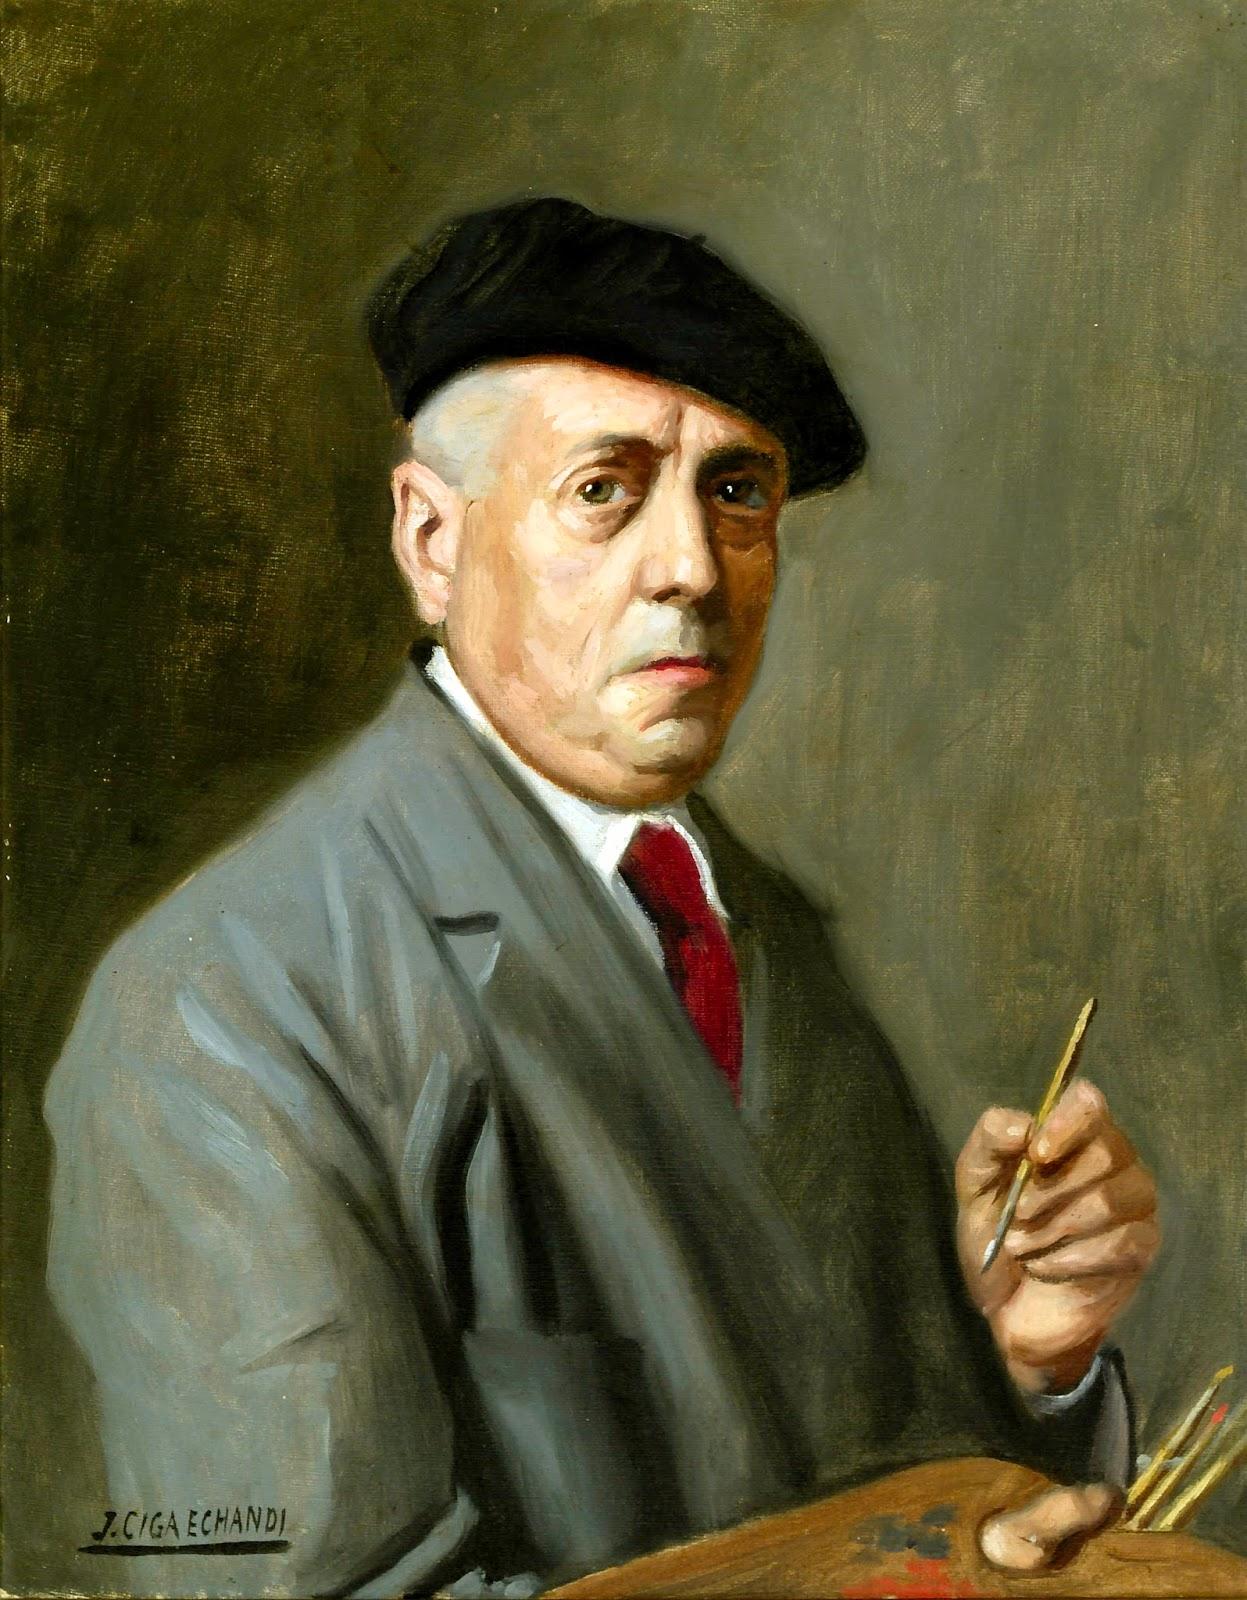 Javier Ciga Echandi